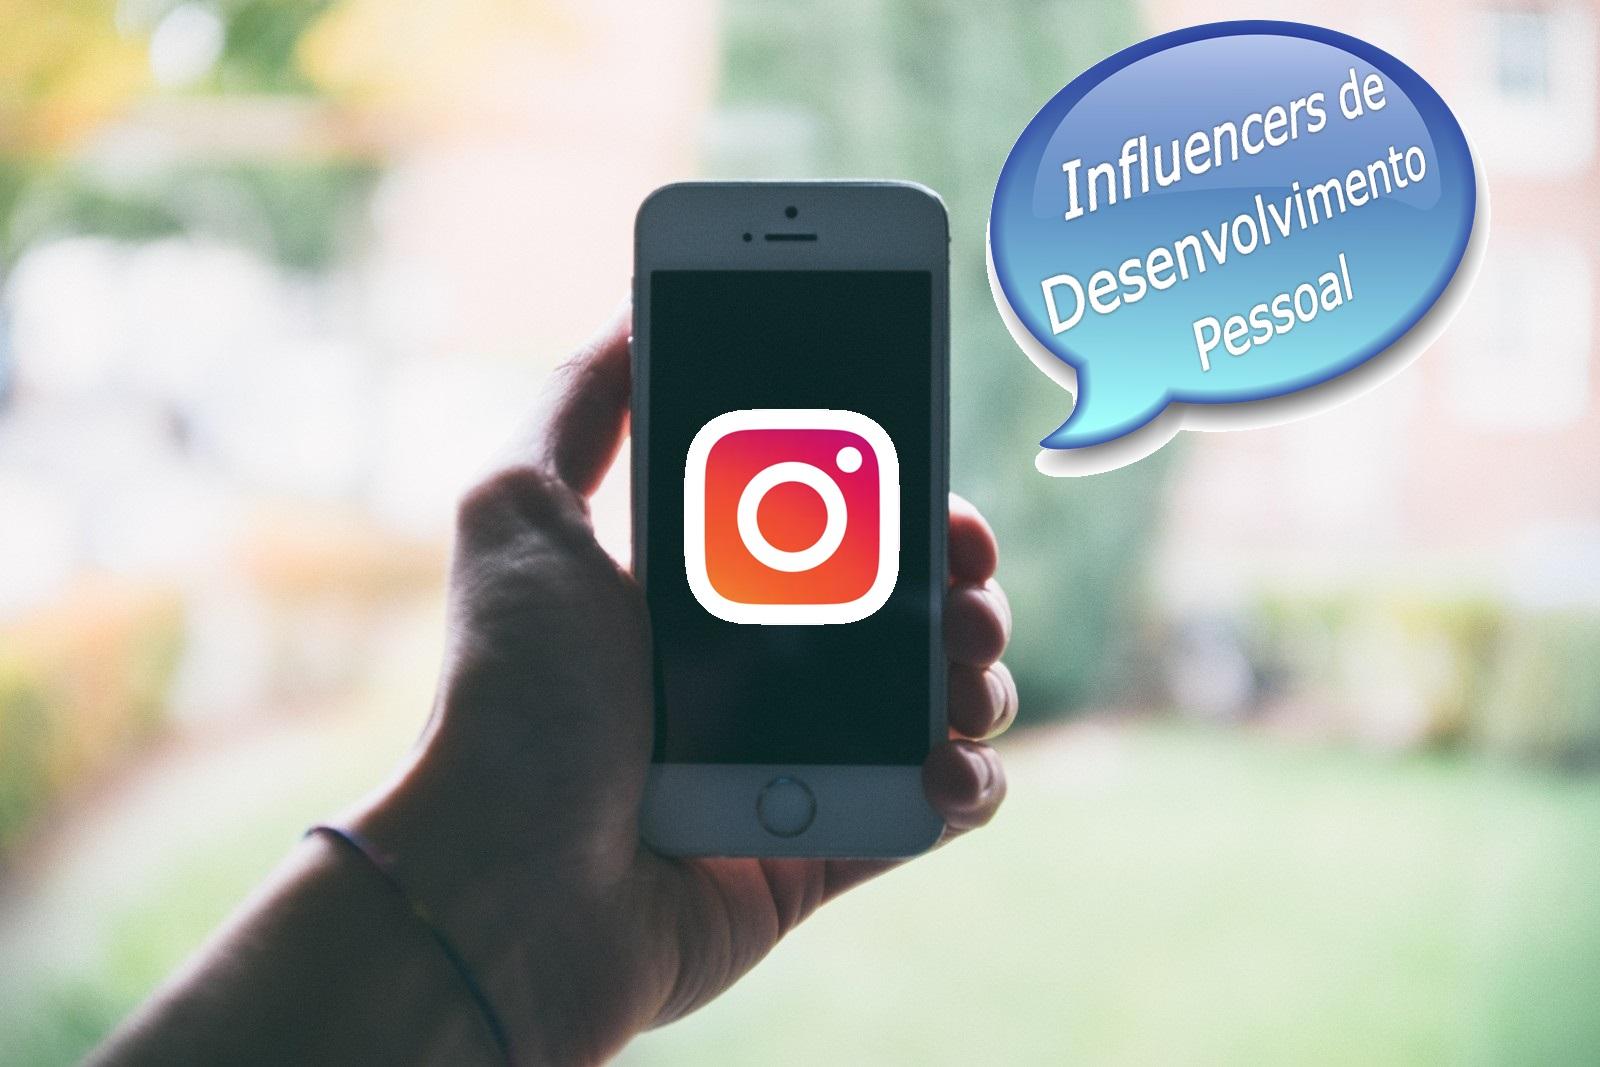 15 Maiores Influenciadores No Instagram Sobre